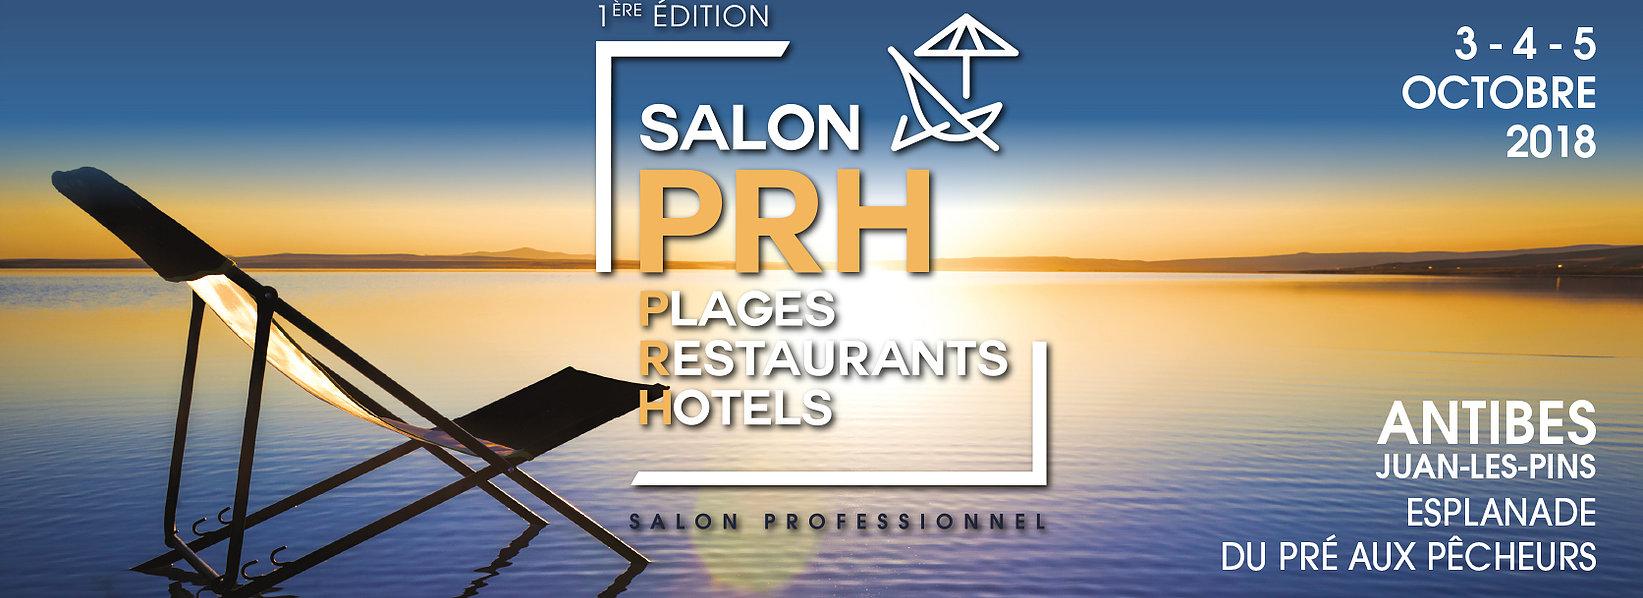 Salon PRH